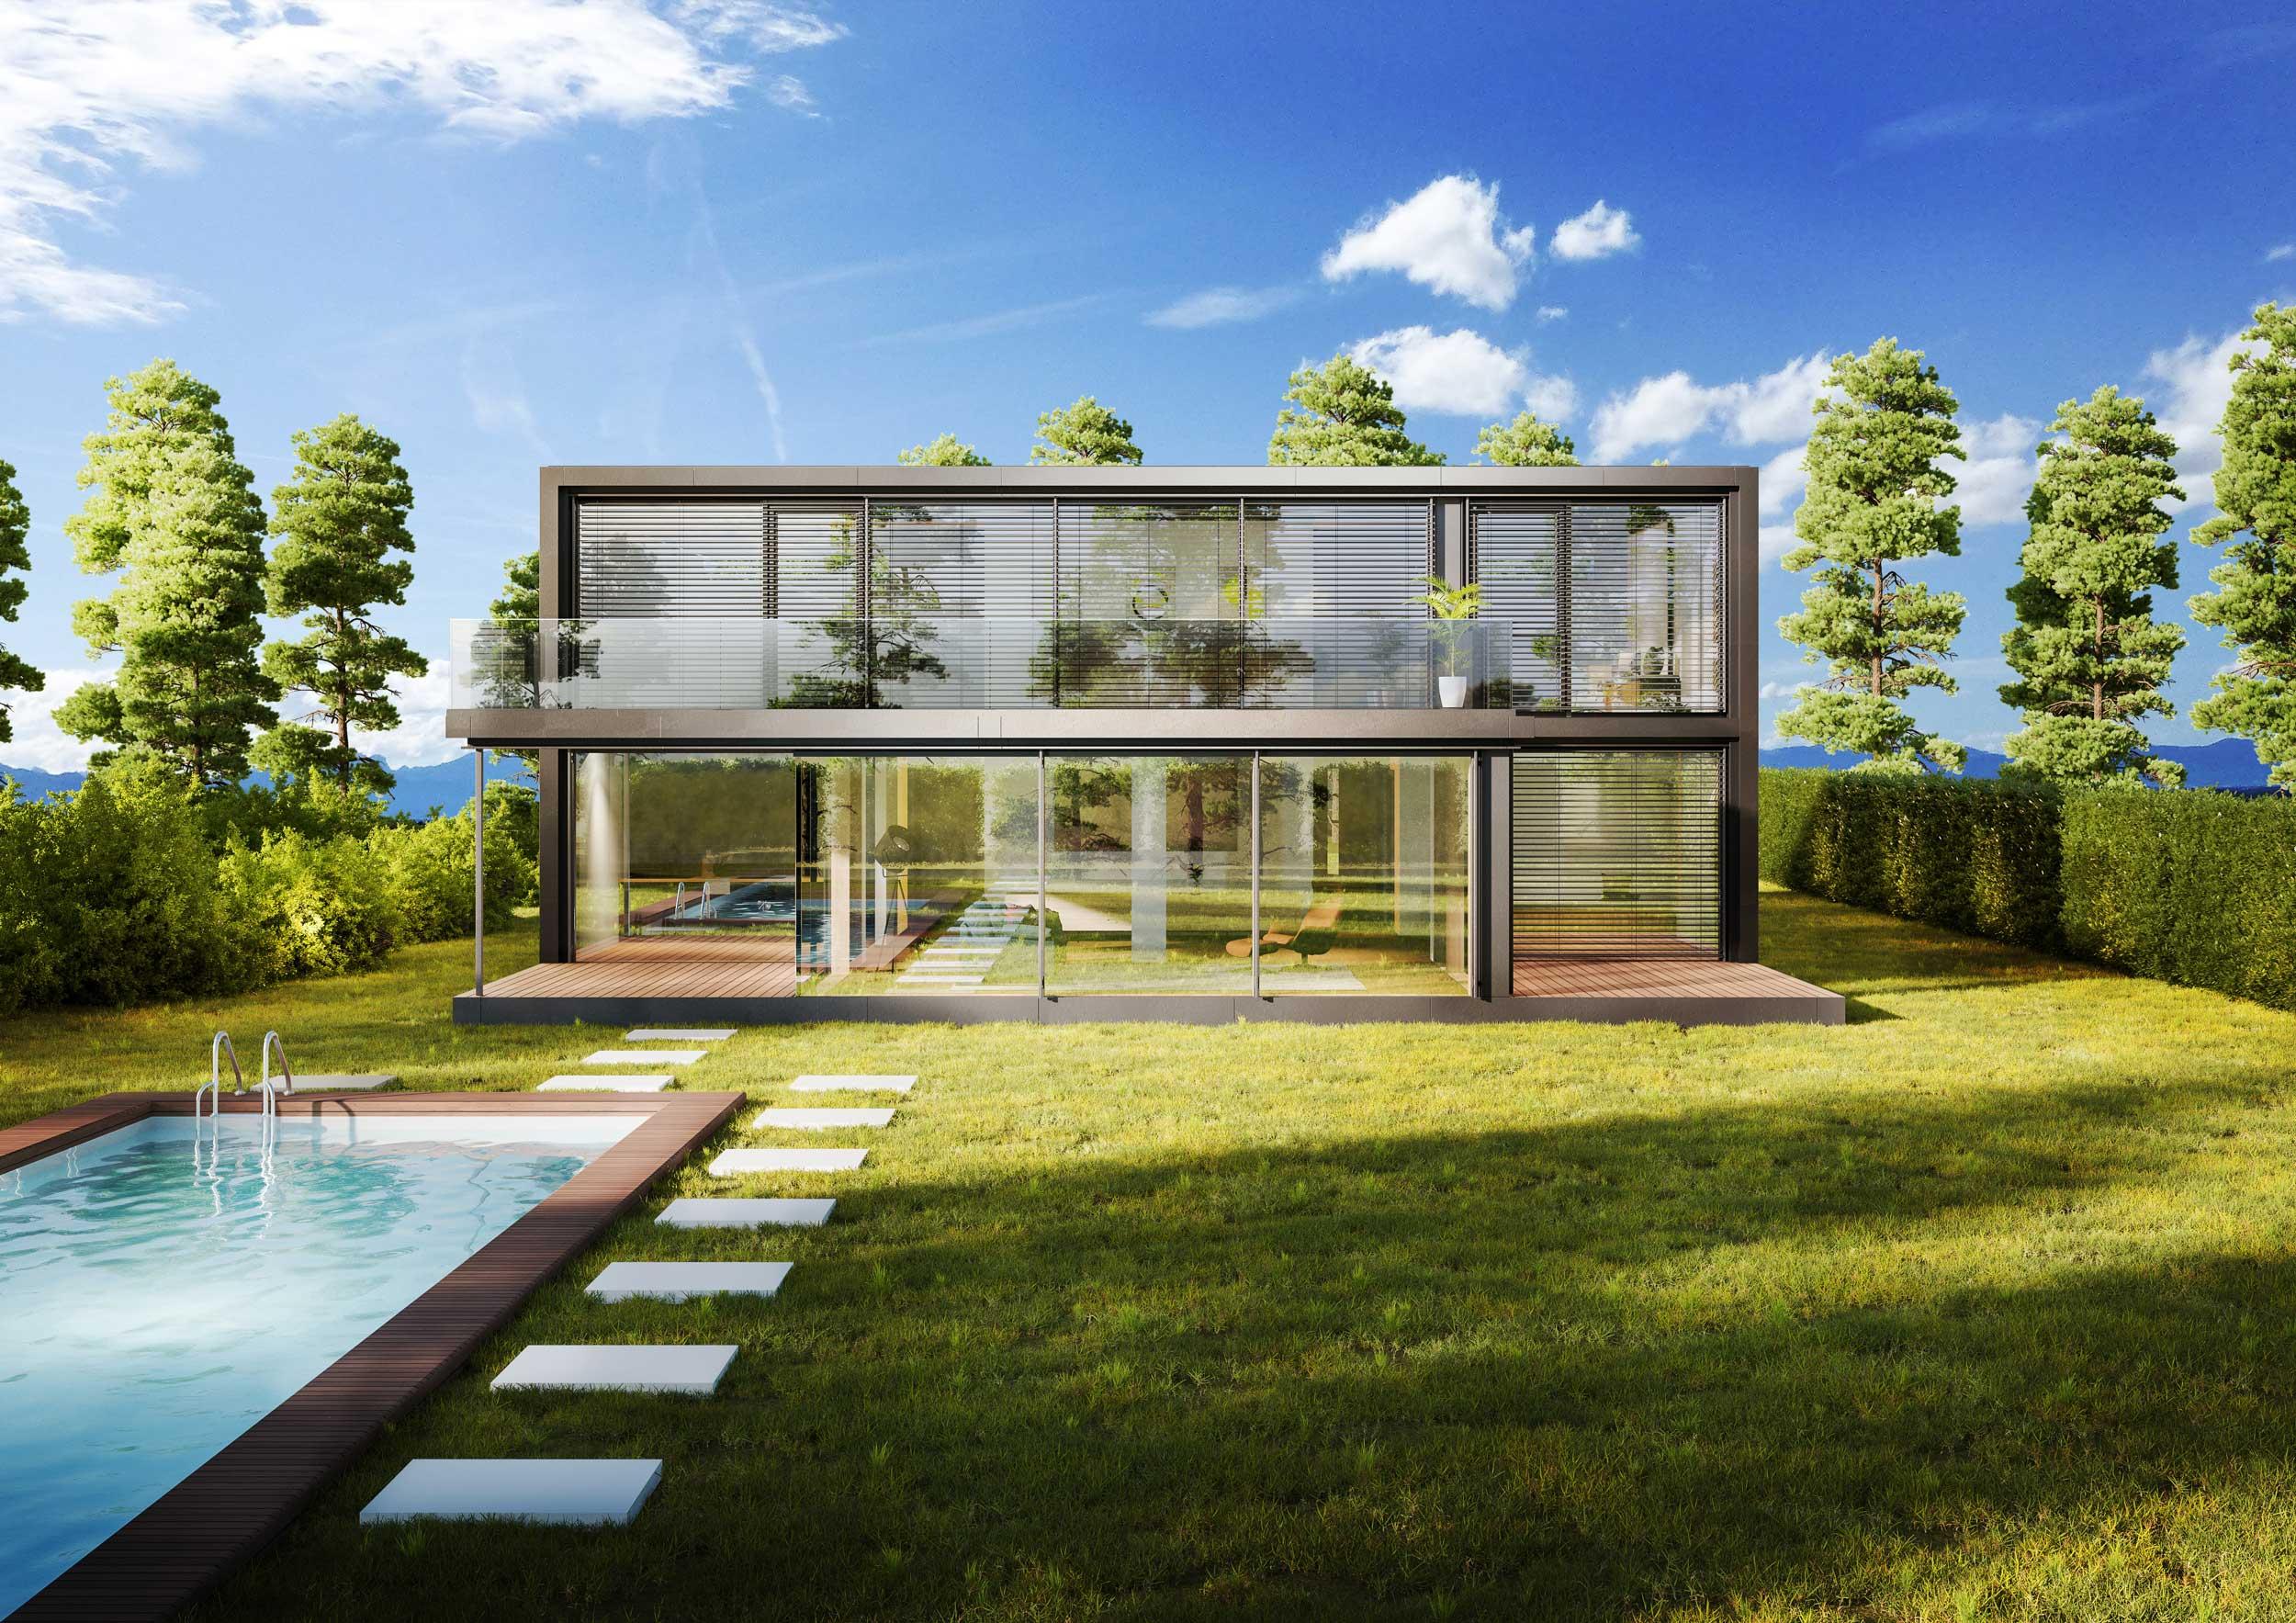 Modulare-architektur-wohnen-doppelstockhaus